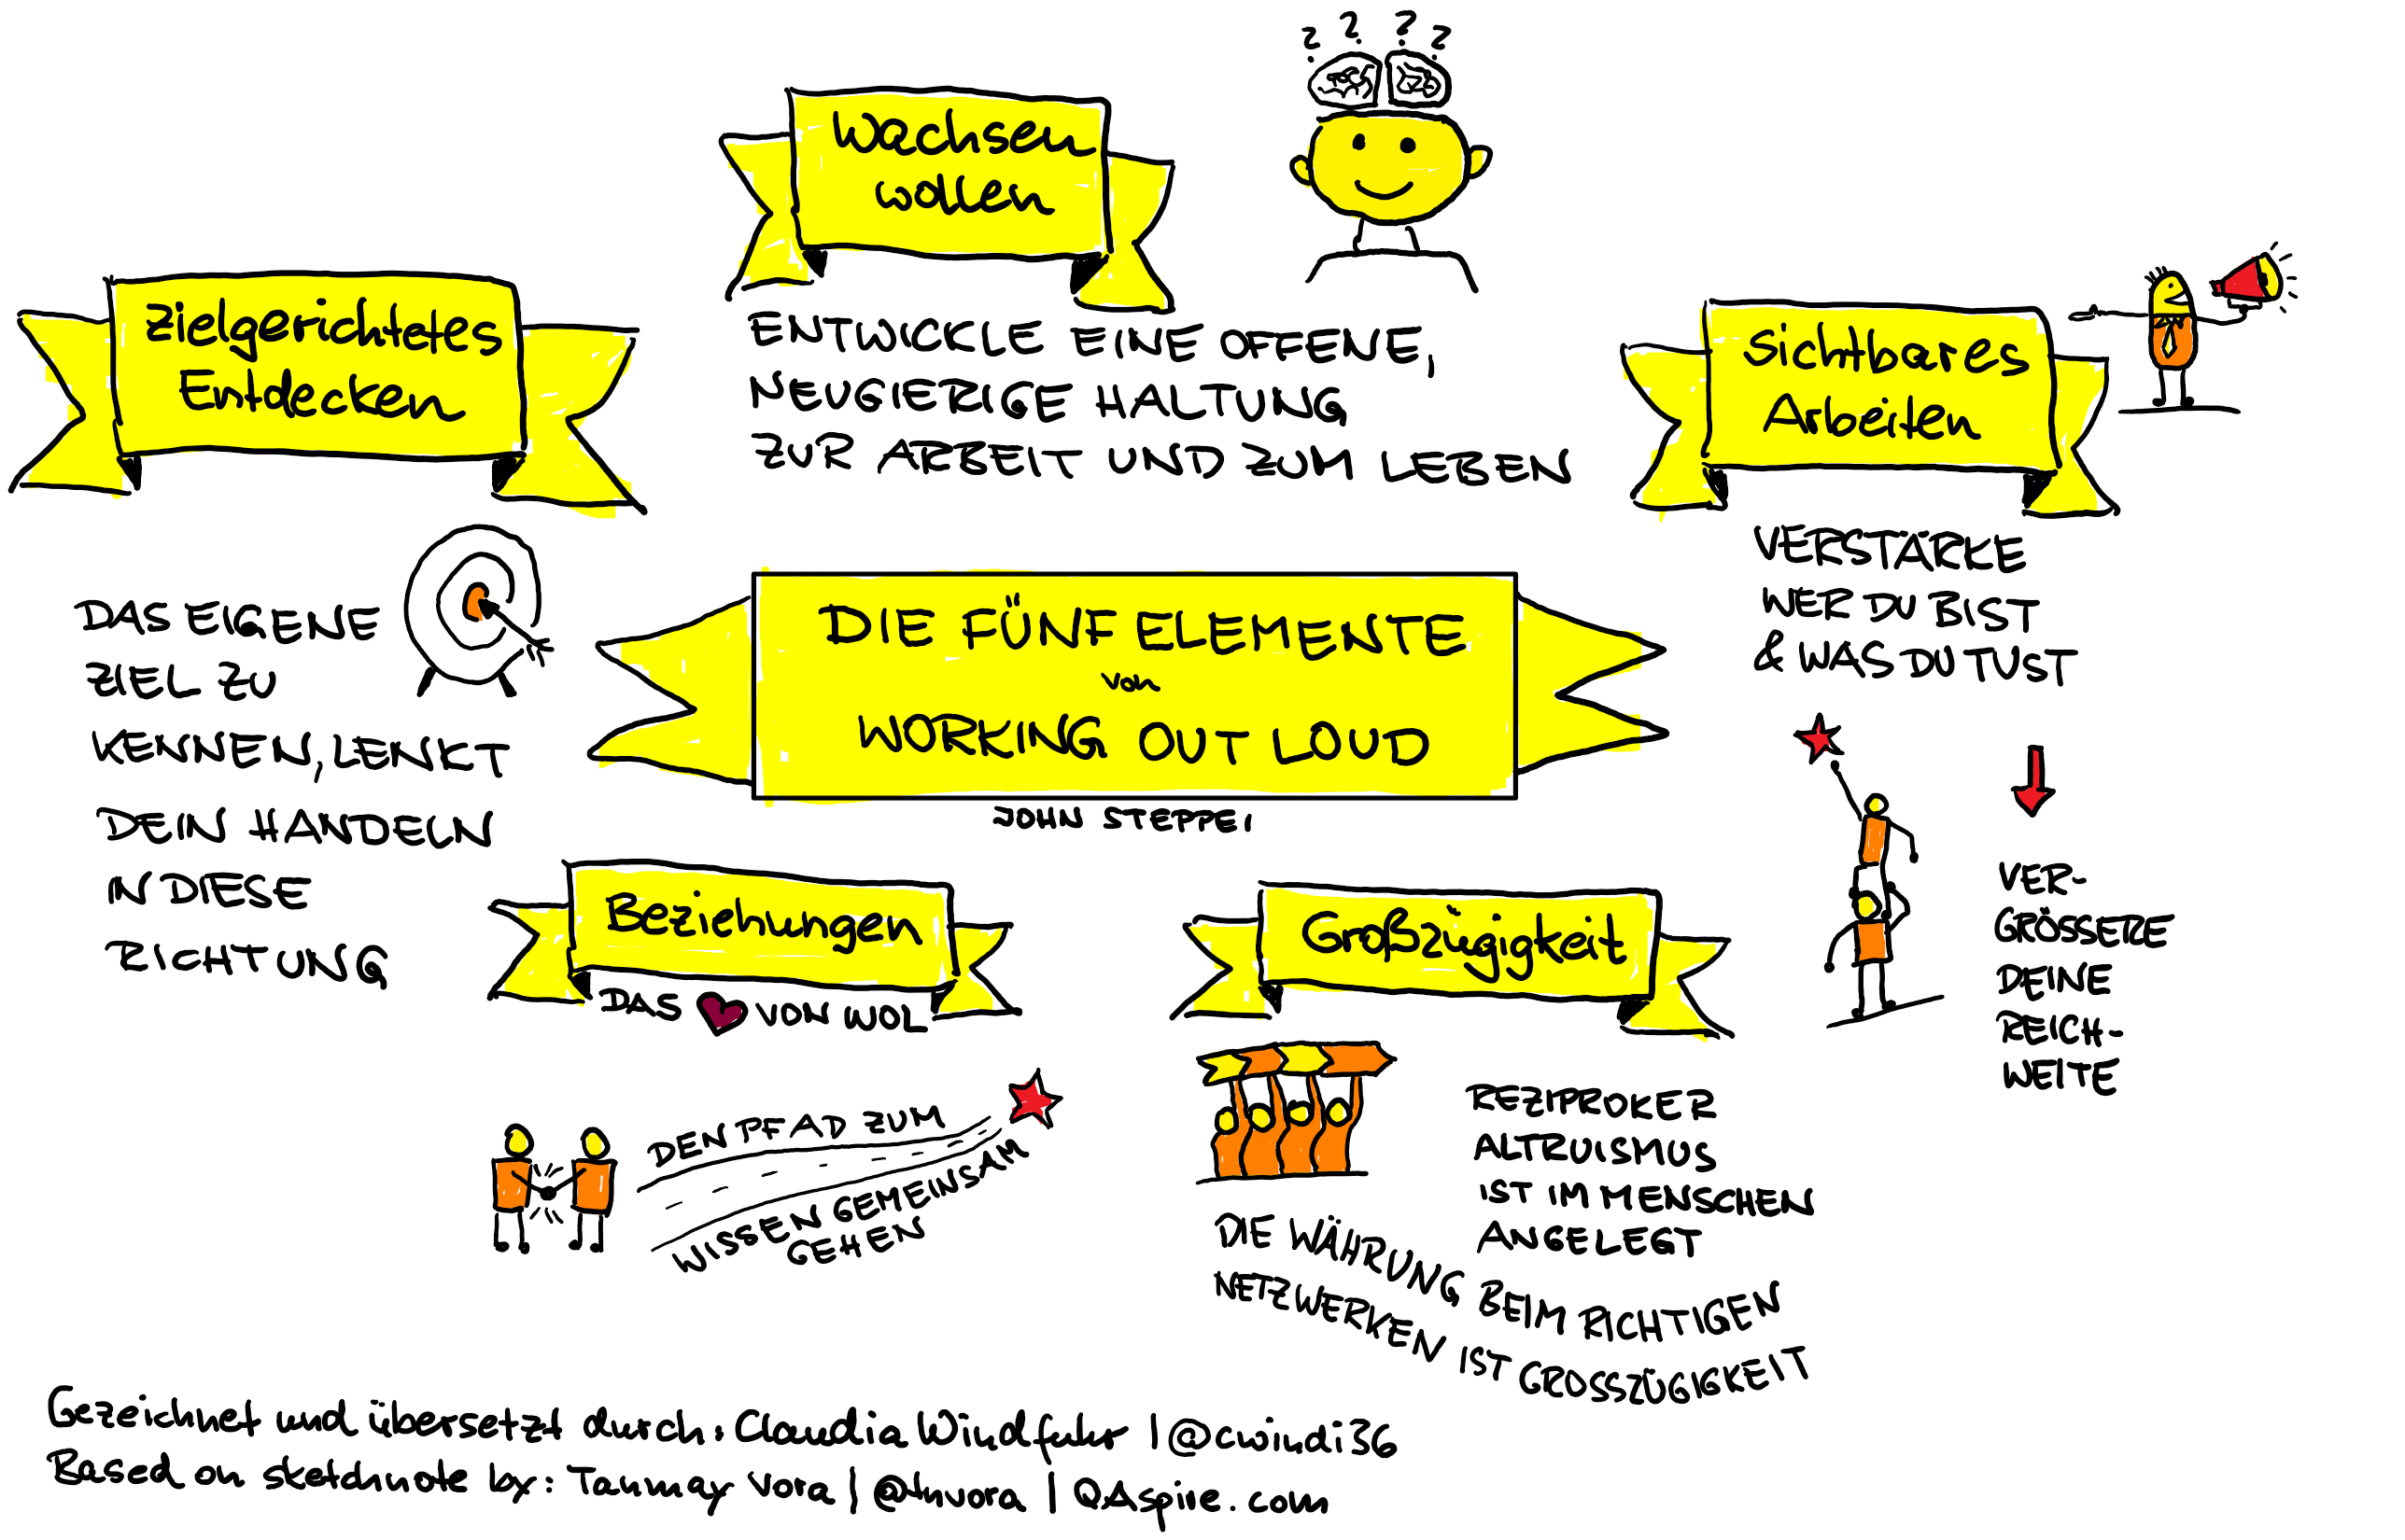 Fünf Elemente von Working Out Loud